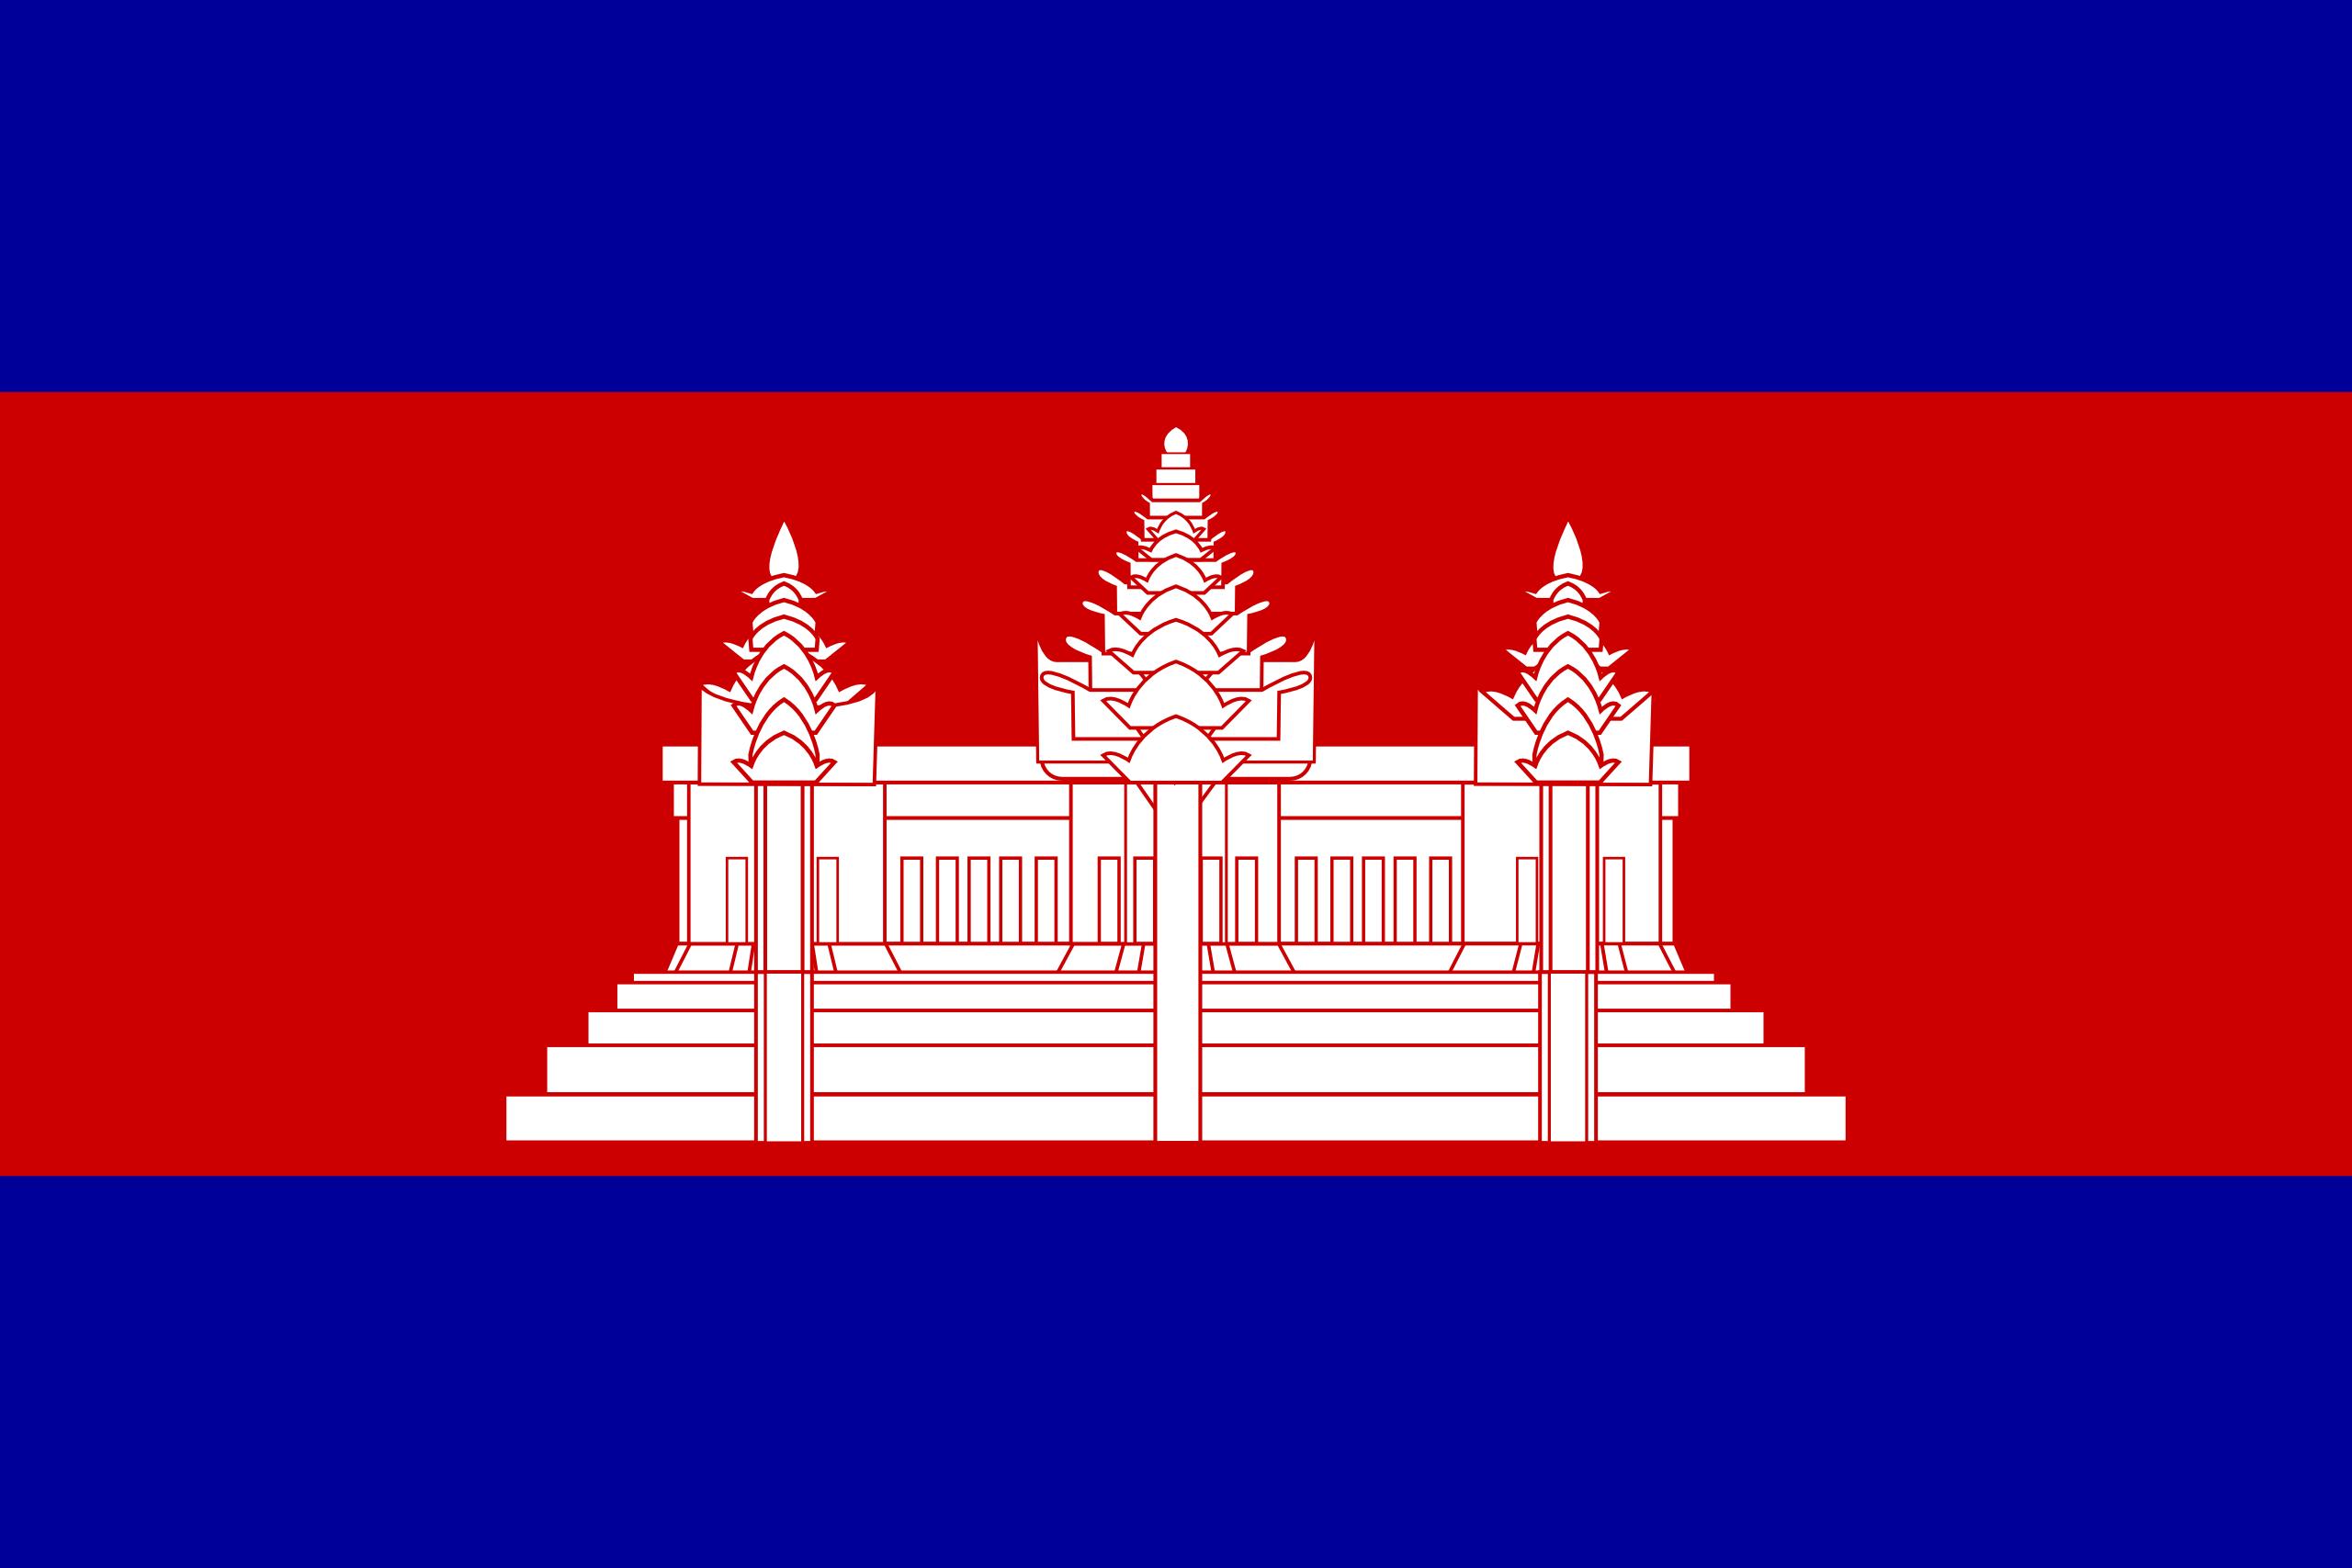 Καμπότζη, χώρα, έμβλημα, λογότυπο, σύμβολο - Wallpapers HD - Professor-falken.com